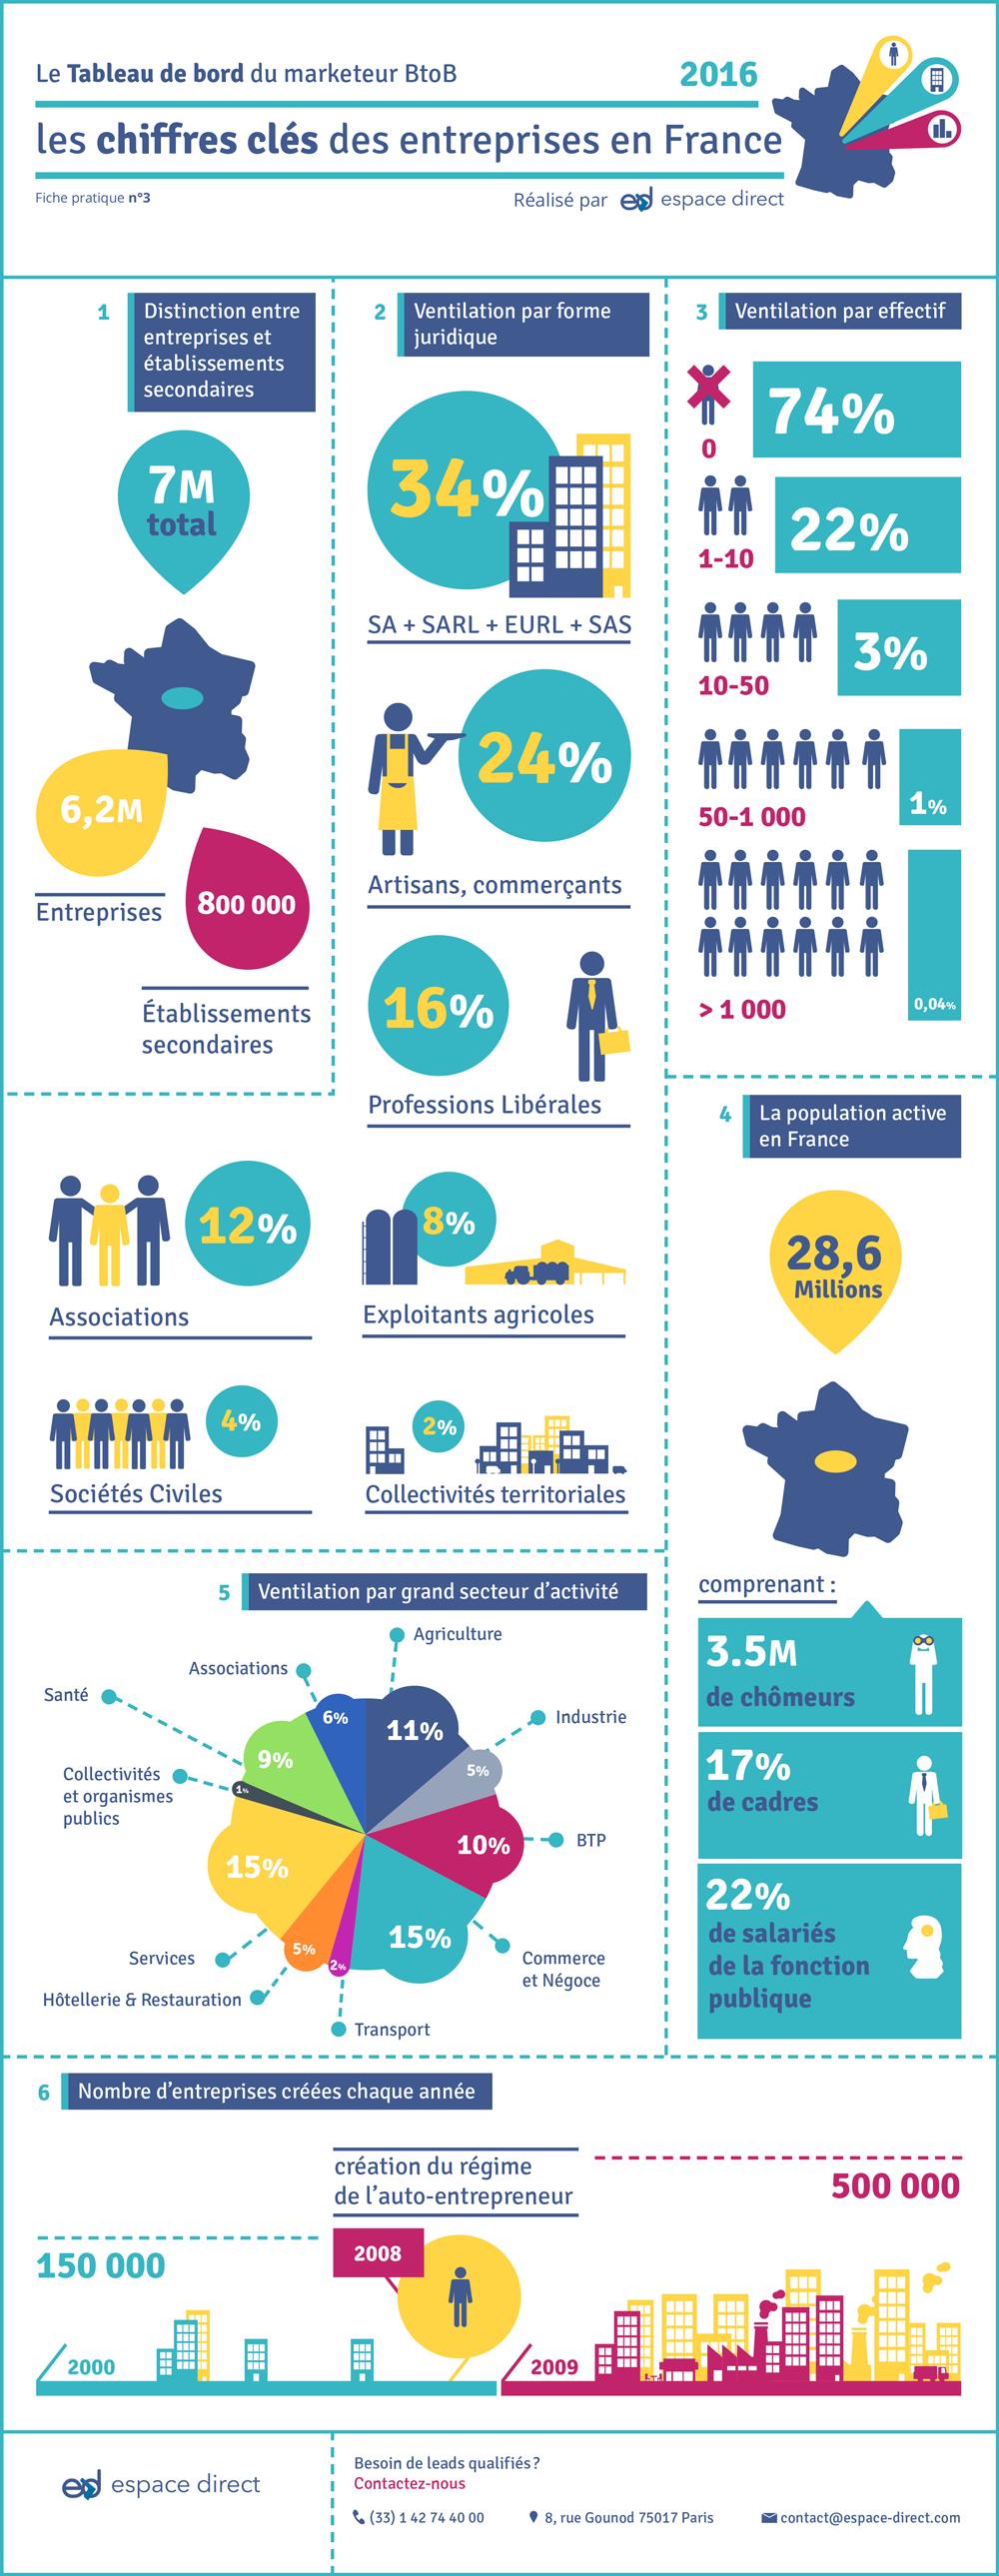 Infographie : les chiffres clés des entreprises en France